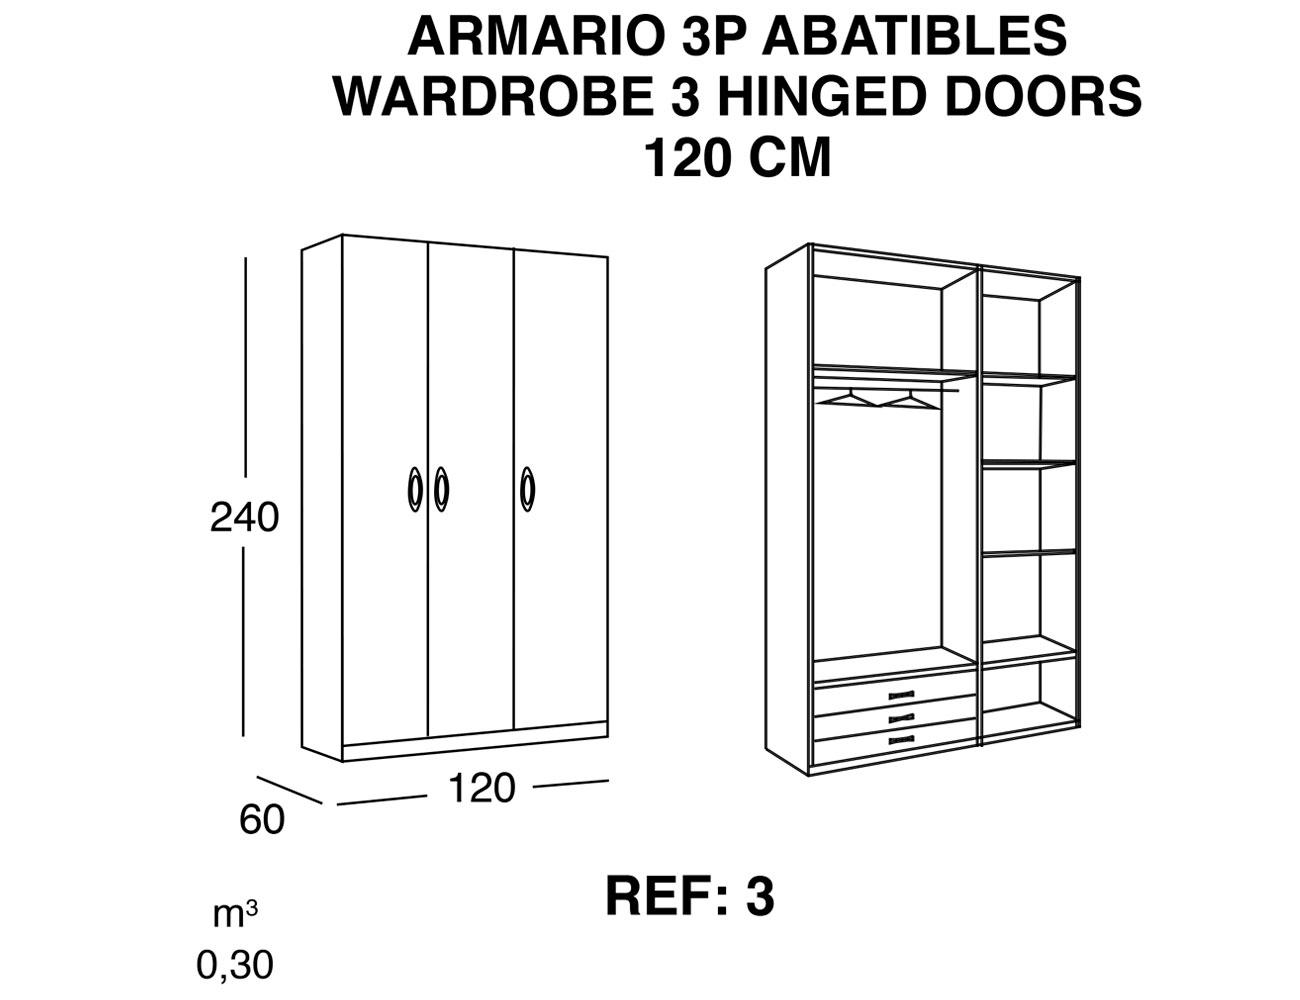 Armario 3p abatibles 120